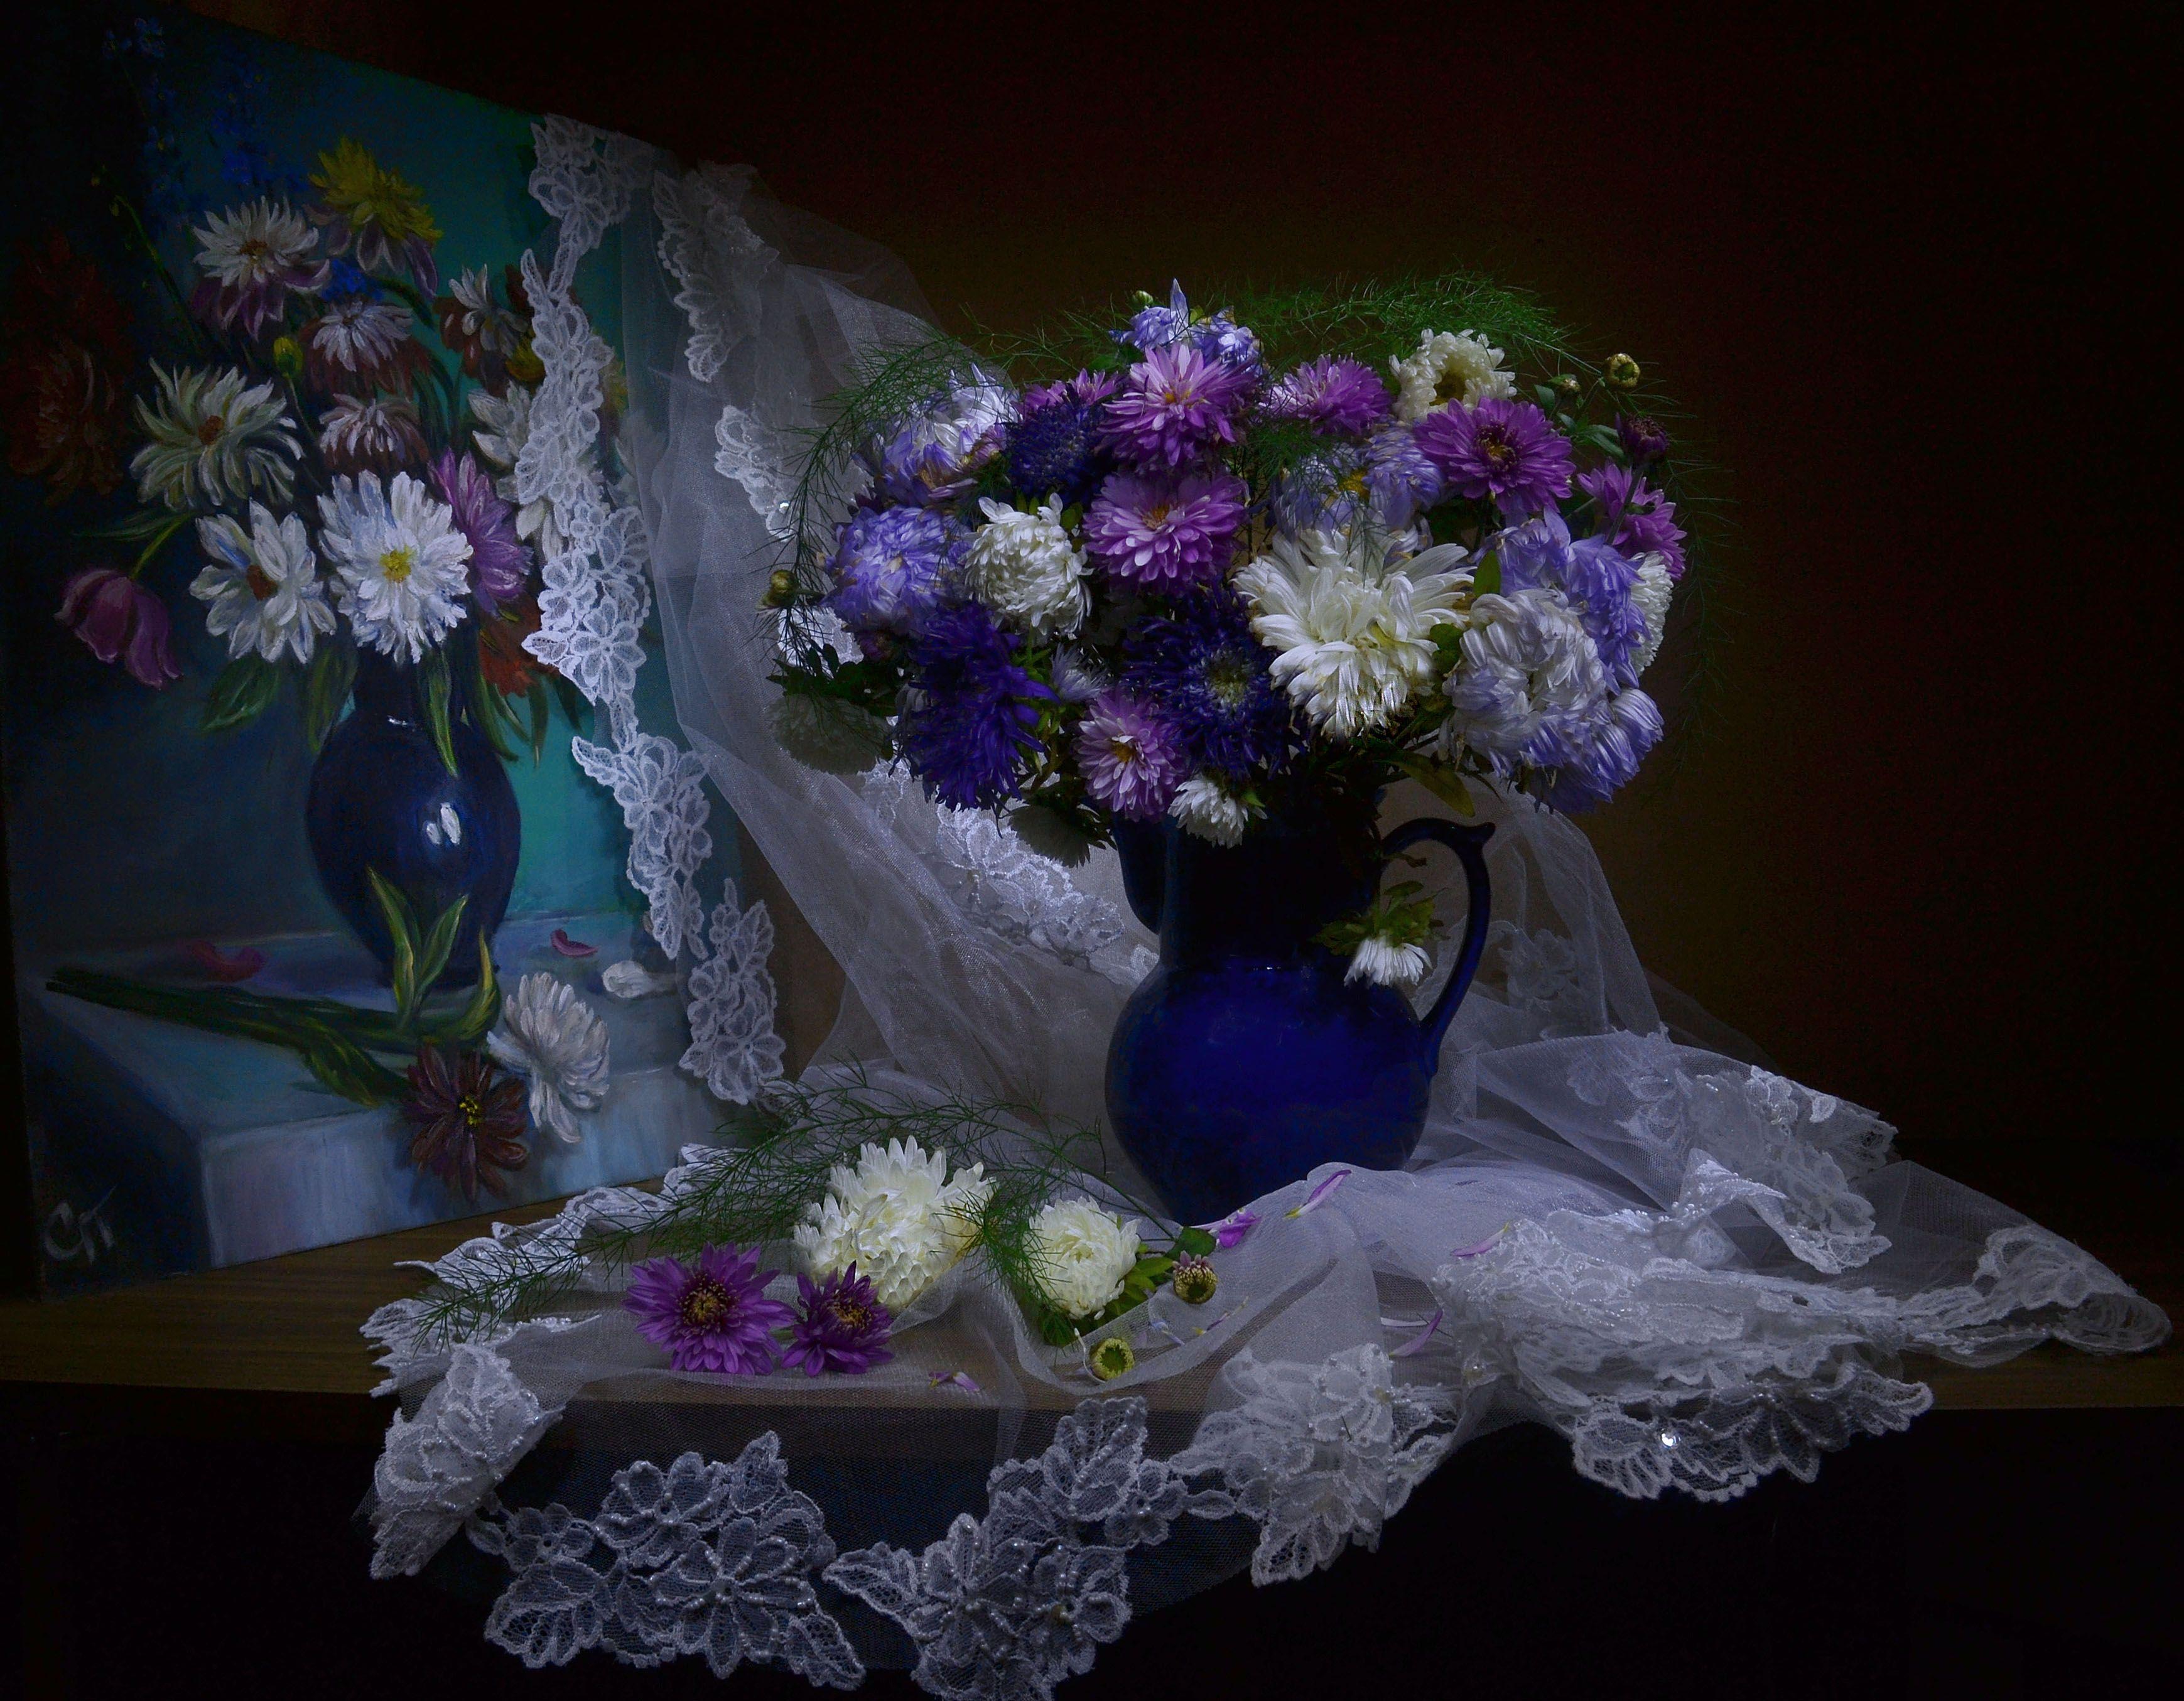 still life, натюрморт , астры, живопись, картина маслом, осень,  сентябрь, фото натюрморт, хризантемы, цветы, эклектика, Колова Валентина